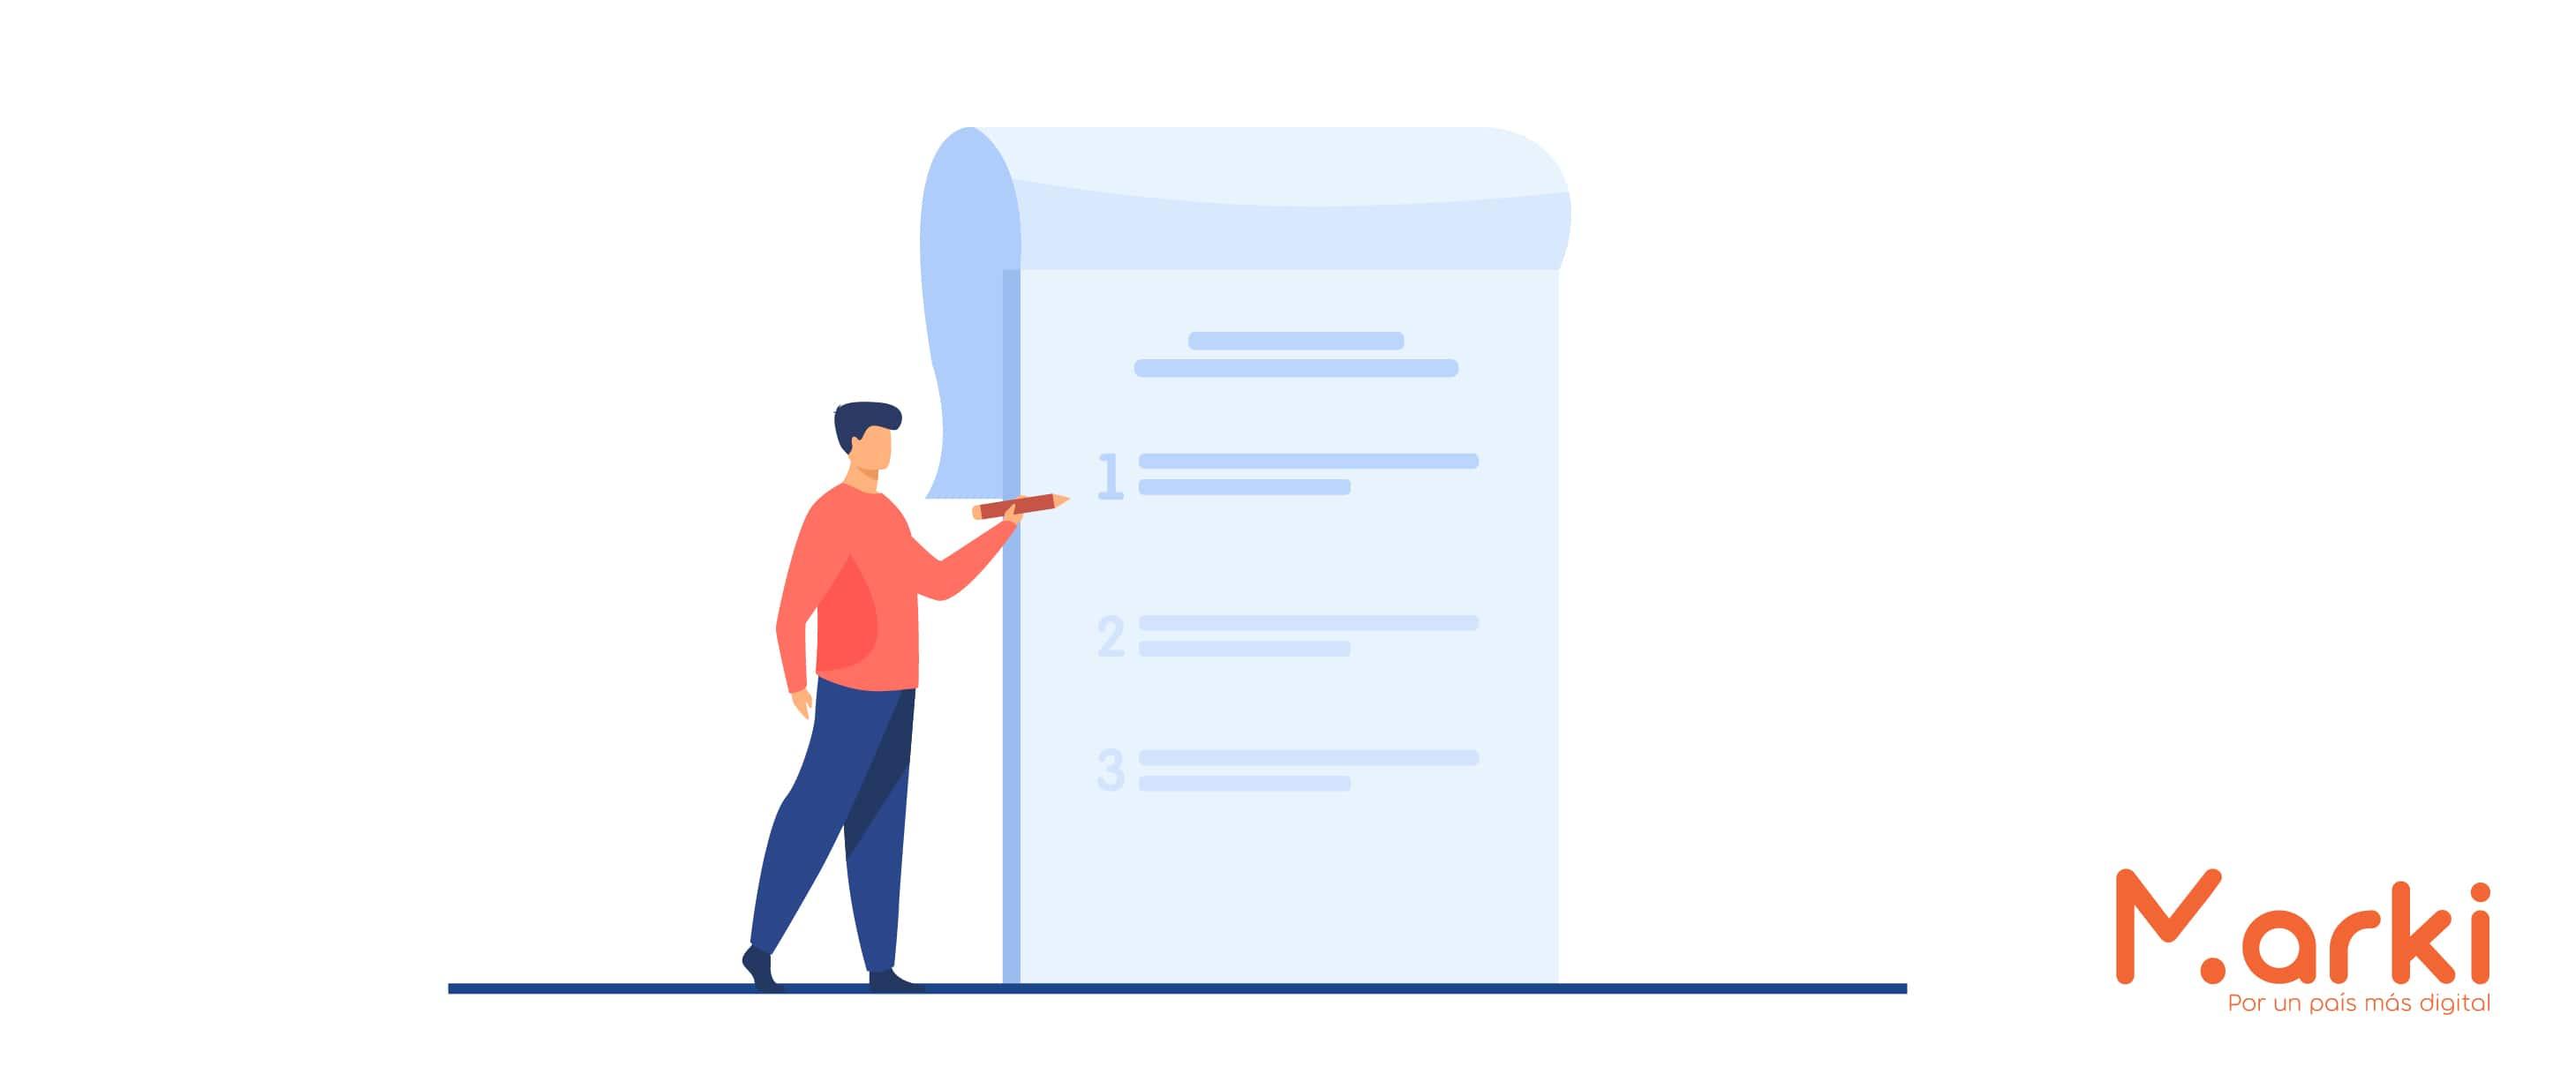 checklist como hacer customer journey customer journey plantilla customer journey b2b como hacer un customer journey map ejemplo que significa customer journey voluntarios universitarios voluntariado peru voluntariado online voluntariado marki